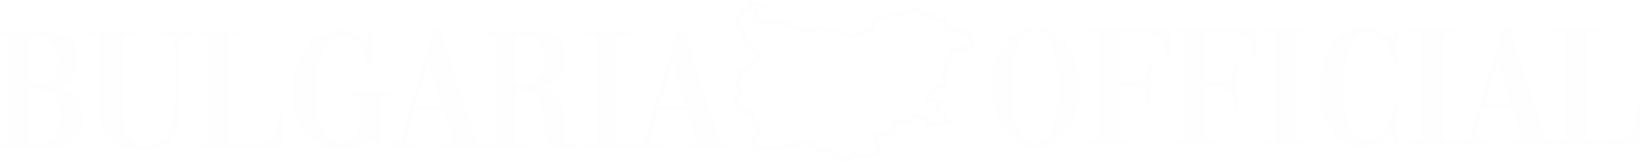 Bulgaria Official